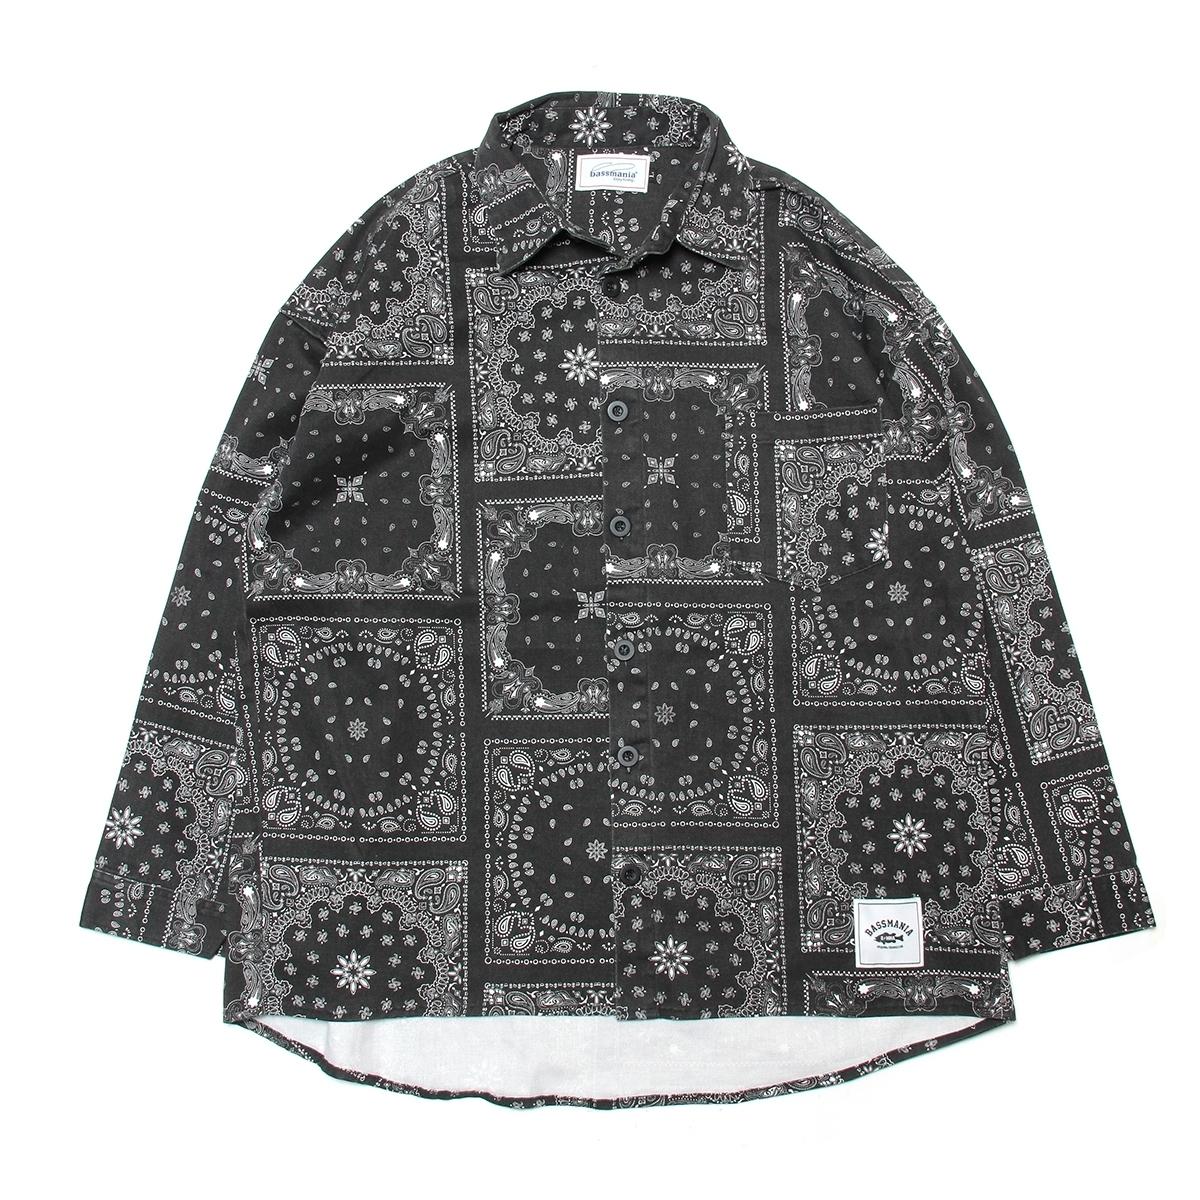 ペイズリーリメイクプリントオーバーシャツ [BLK]